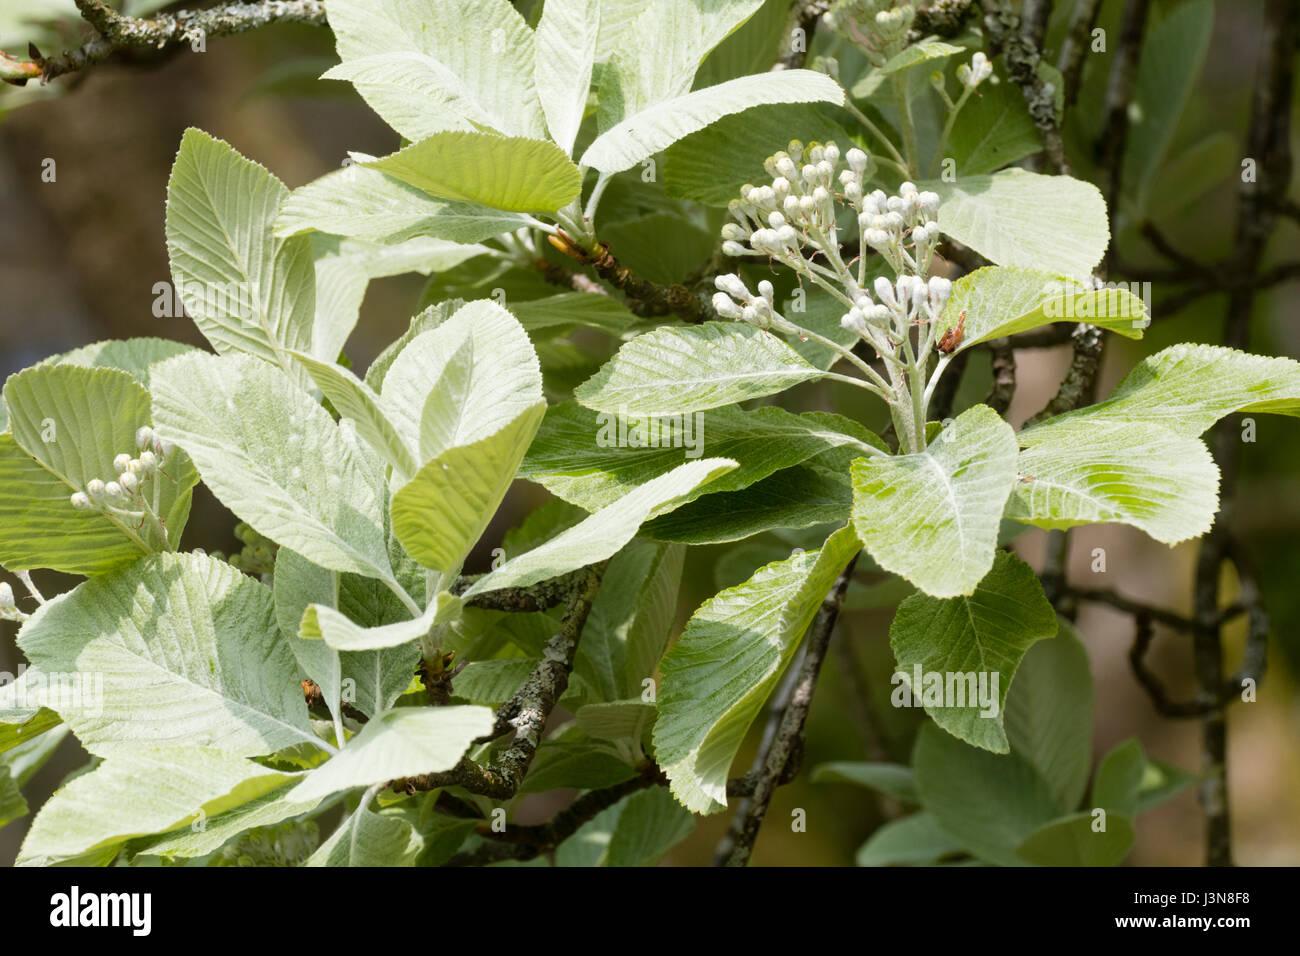 White flower clusters stock photos white flower clusters stock silvery spring foliage and white flower clusters of the hardy deciduous whitebeam tree sorbus aria mightylinksfo